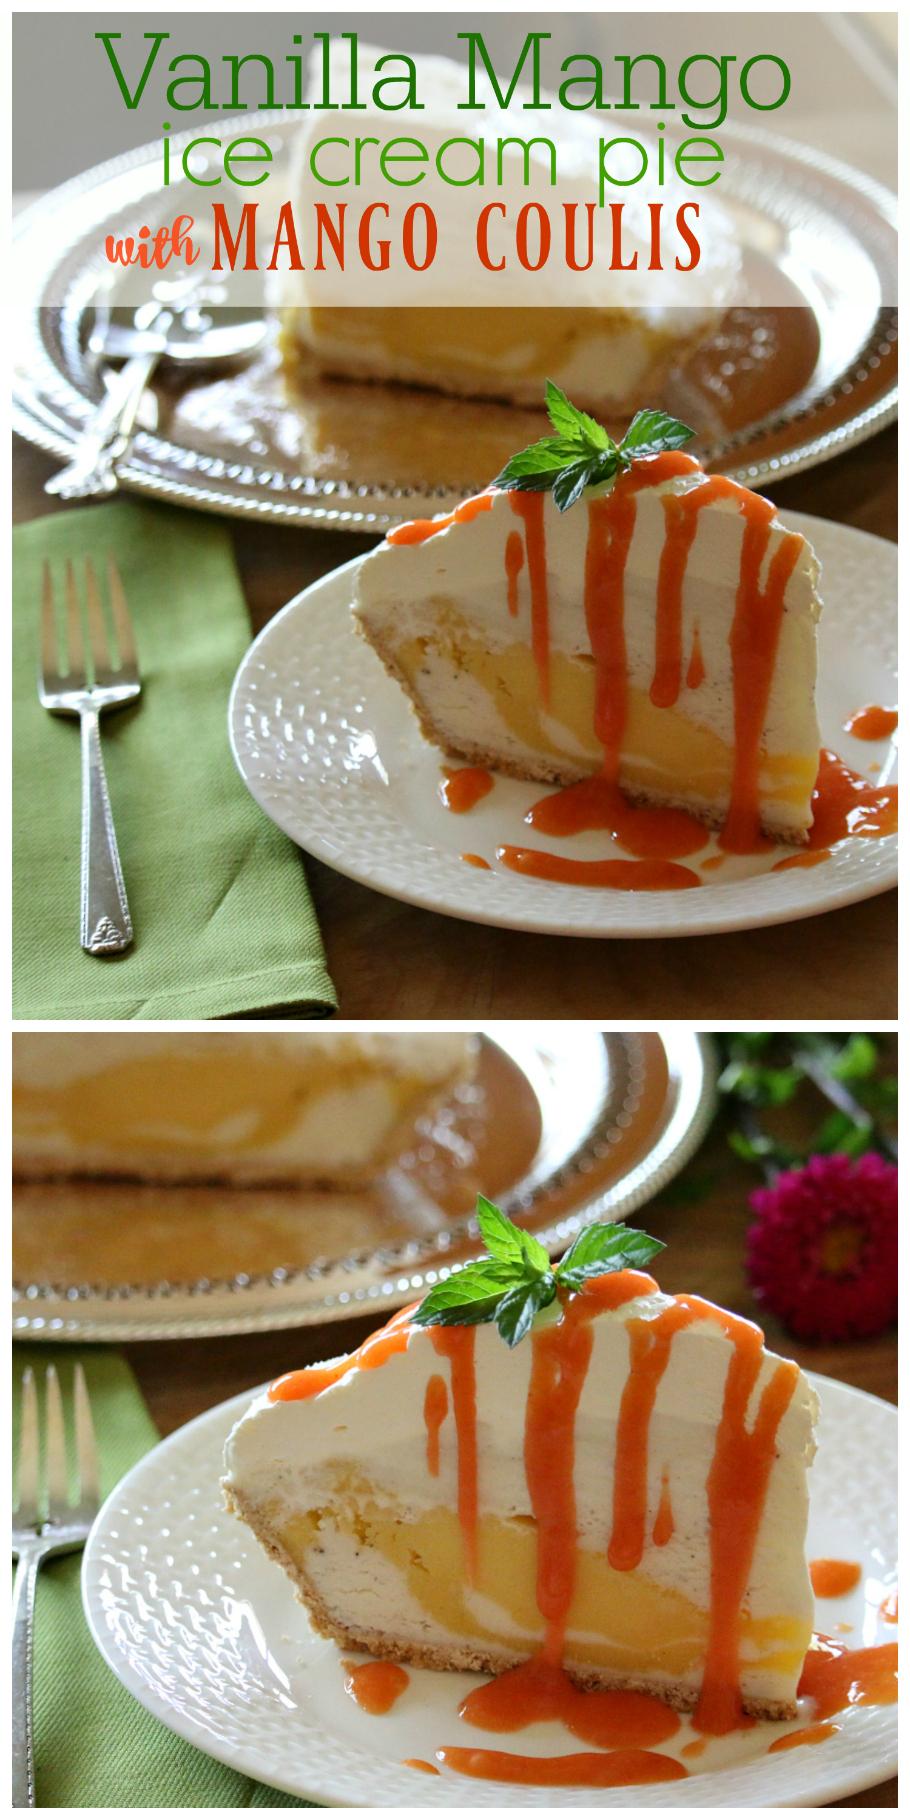 Vanilla Mango Ice Cream Pie with Mango Coulis